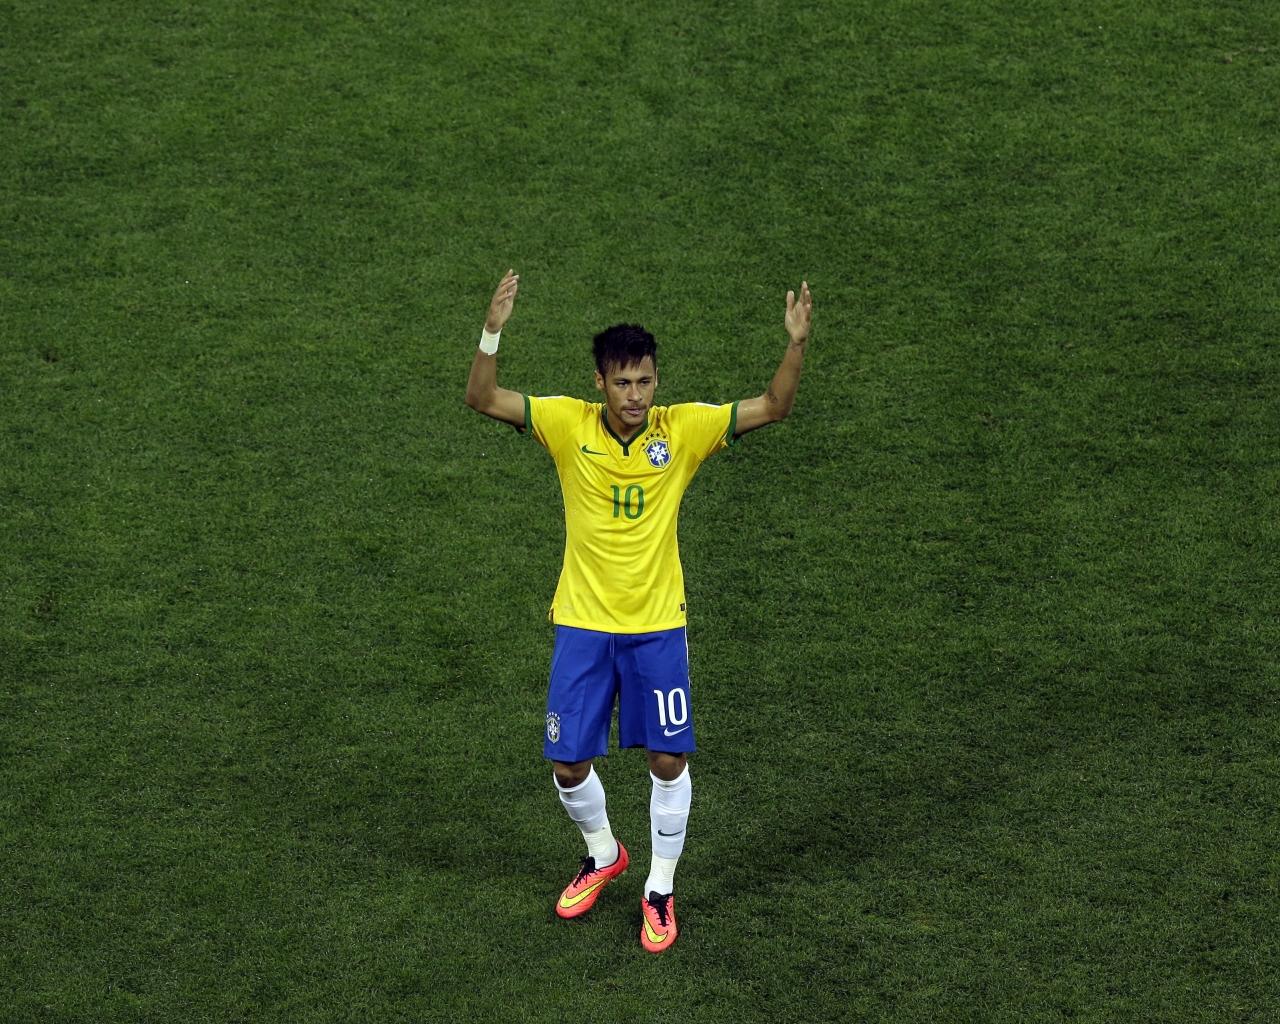 Neymar con la camiseta de Brasil - 1280x1024